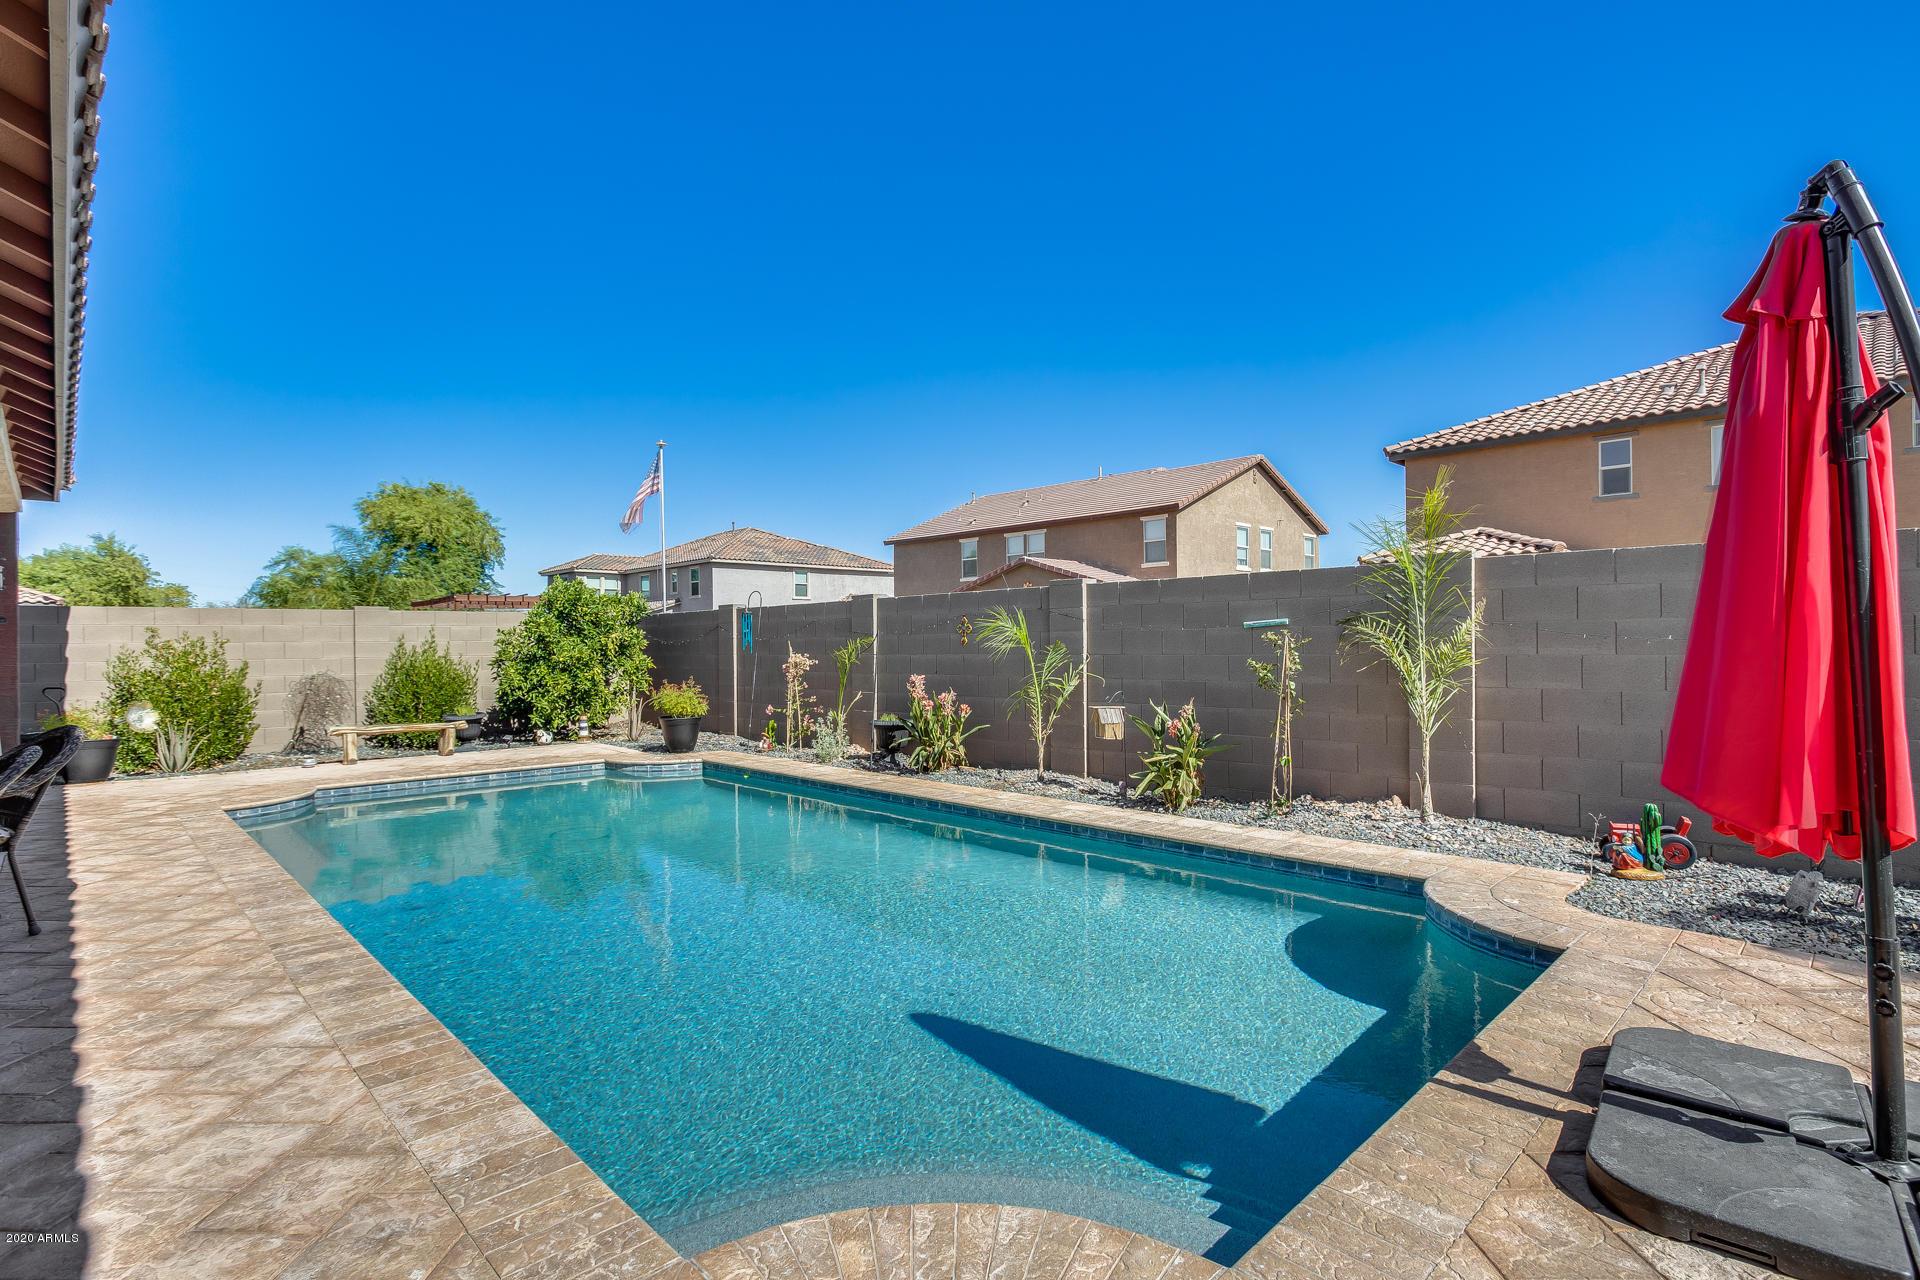 MLS 6083679 40521 W MARION MAY Lane, Maricopa, AZ 85138 Maricopa AZ Four Bedroom